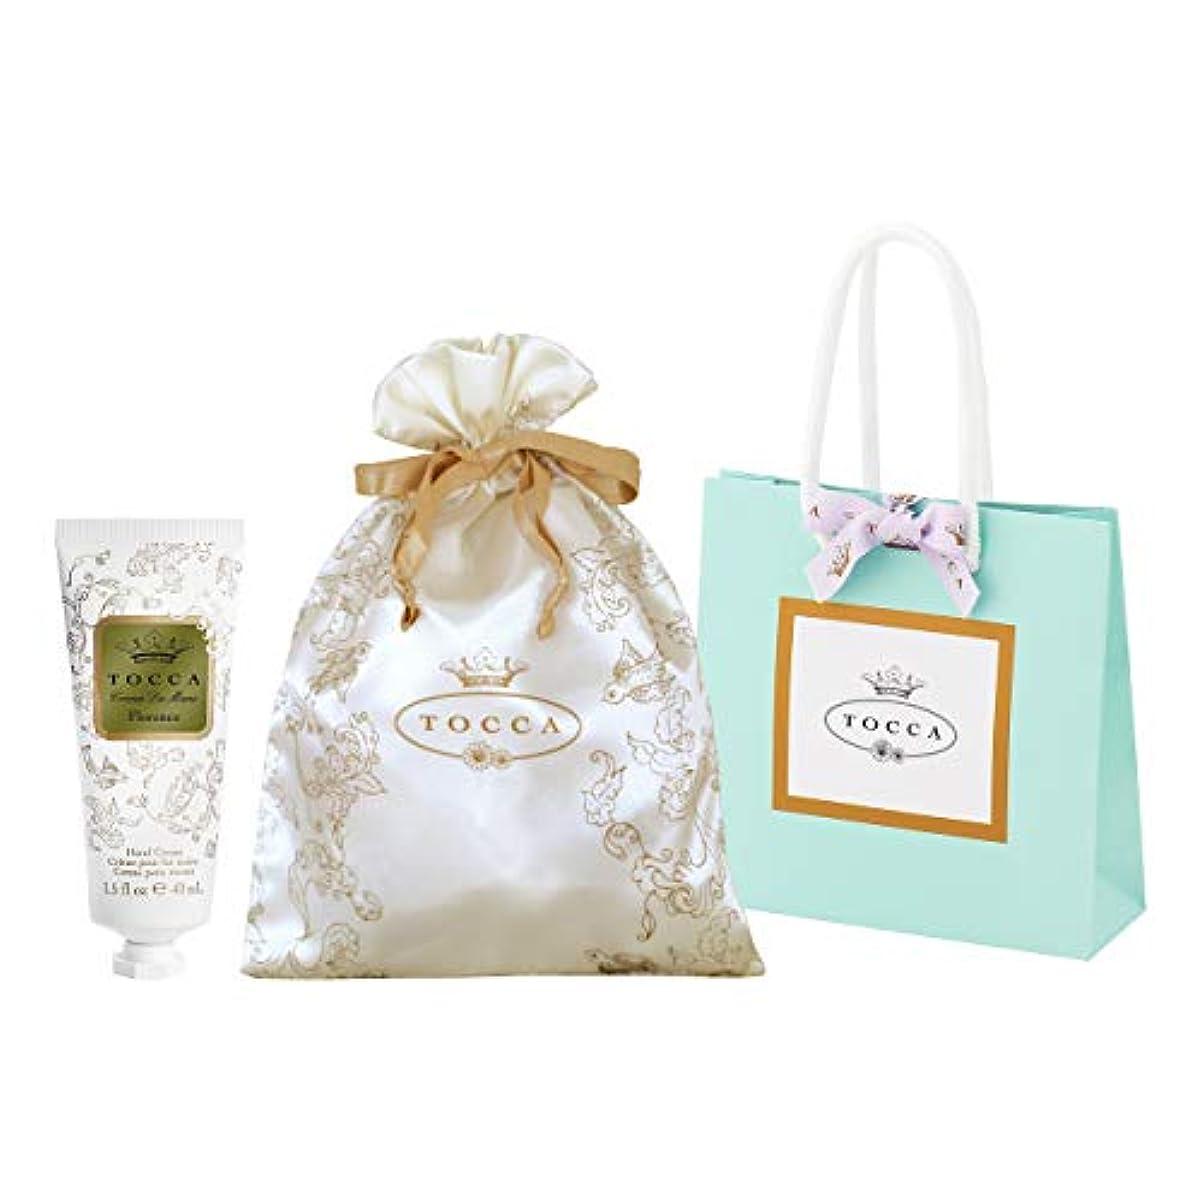 トッカ(TOCCA) ハンドクリーム フローレンスの香り 40mL 巾着&ショッパー付 (手指用保湿 ギフト 手提袋付 上品なフローラルの香り)